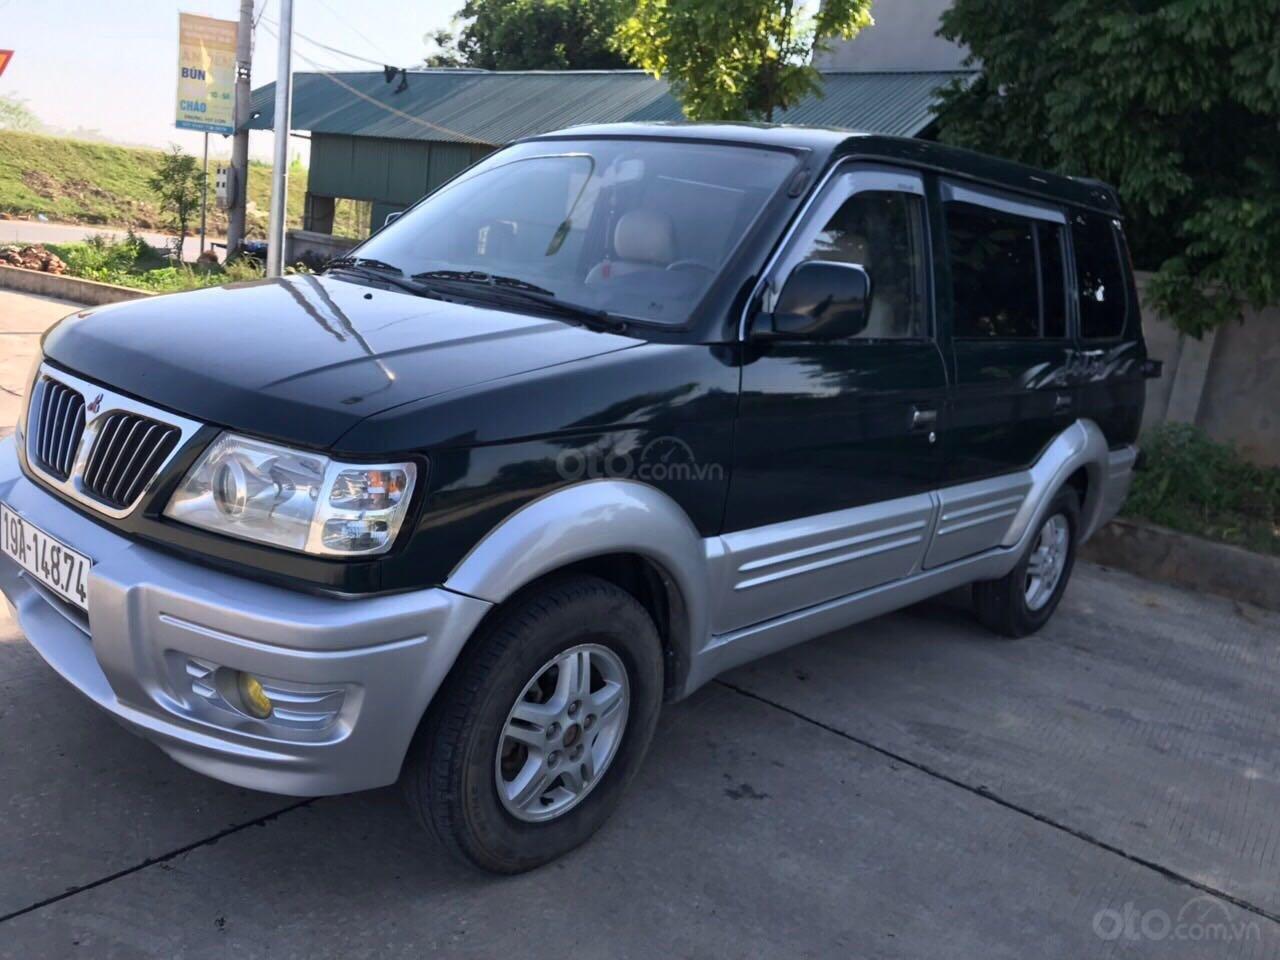 Cần bán gấp Mitsubishi Jolie đăng ký 2003, màu xanh lam, xe nhập, giá chỉ 125 triệu đồng (5)